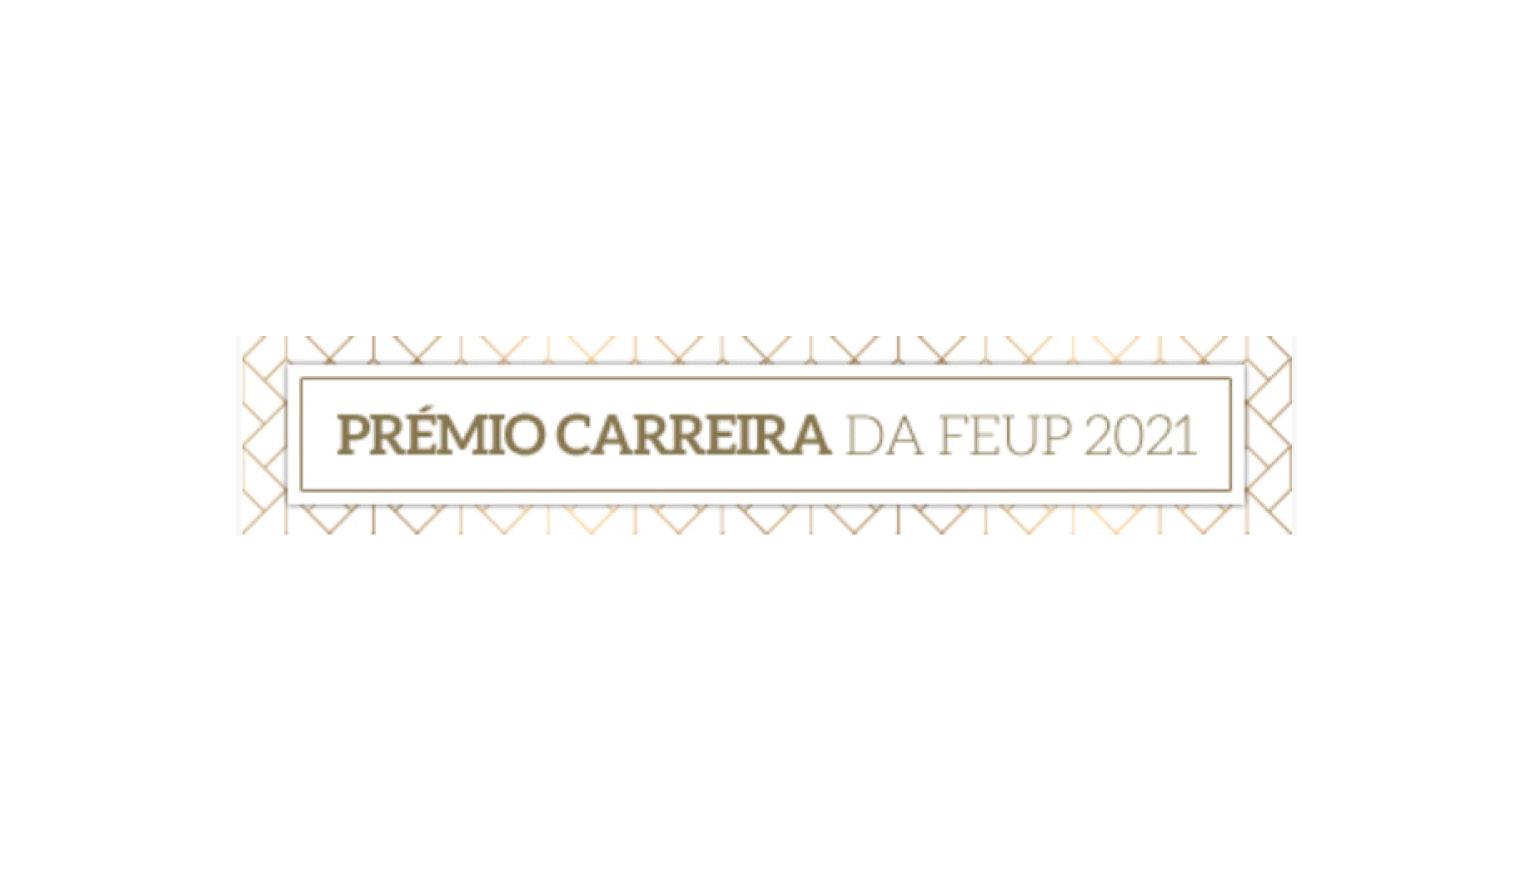 Plataforma Notícias Ordem Engenheiros Região Norte - Prémio Carreira da FEUP 2021